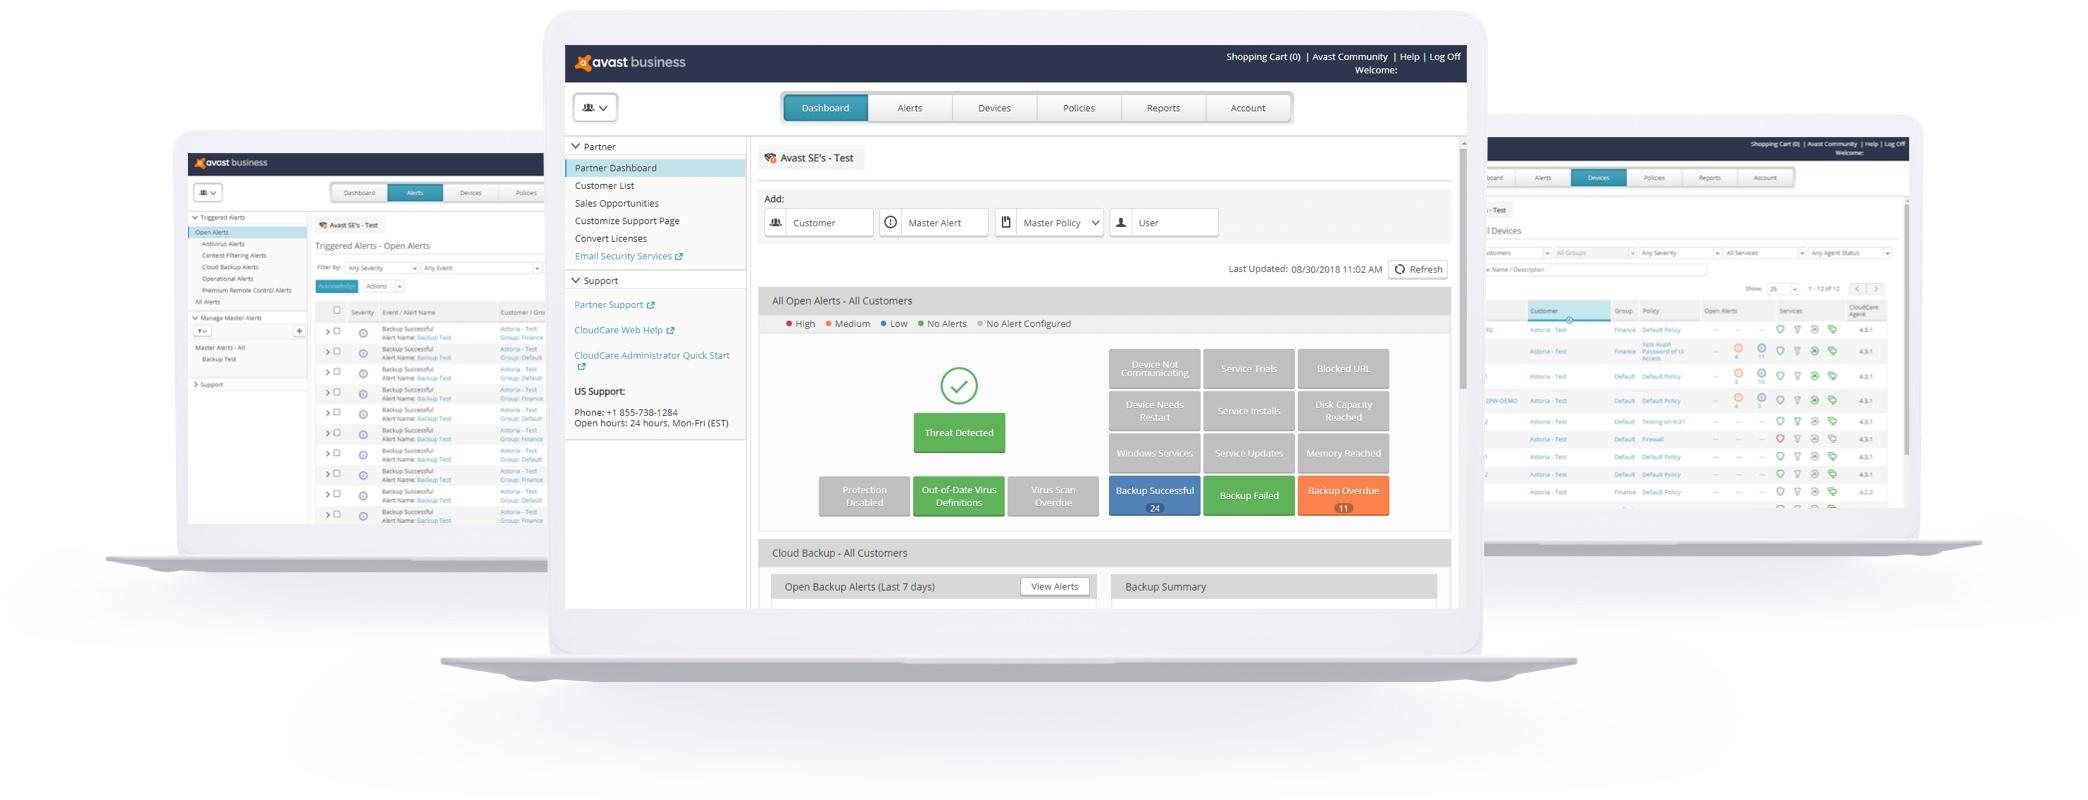 CloudCare proporciona un conjunto completo de servicios de seguridad.